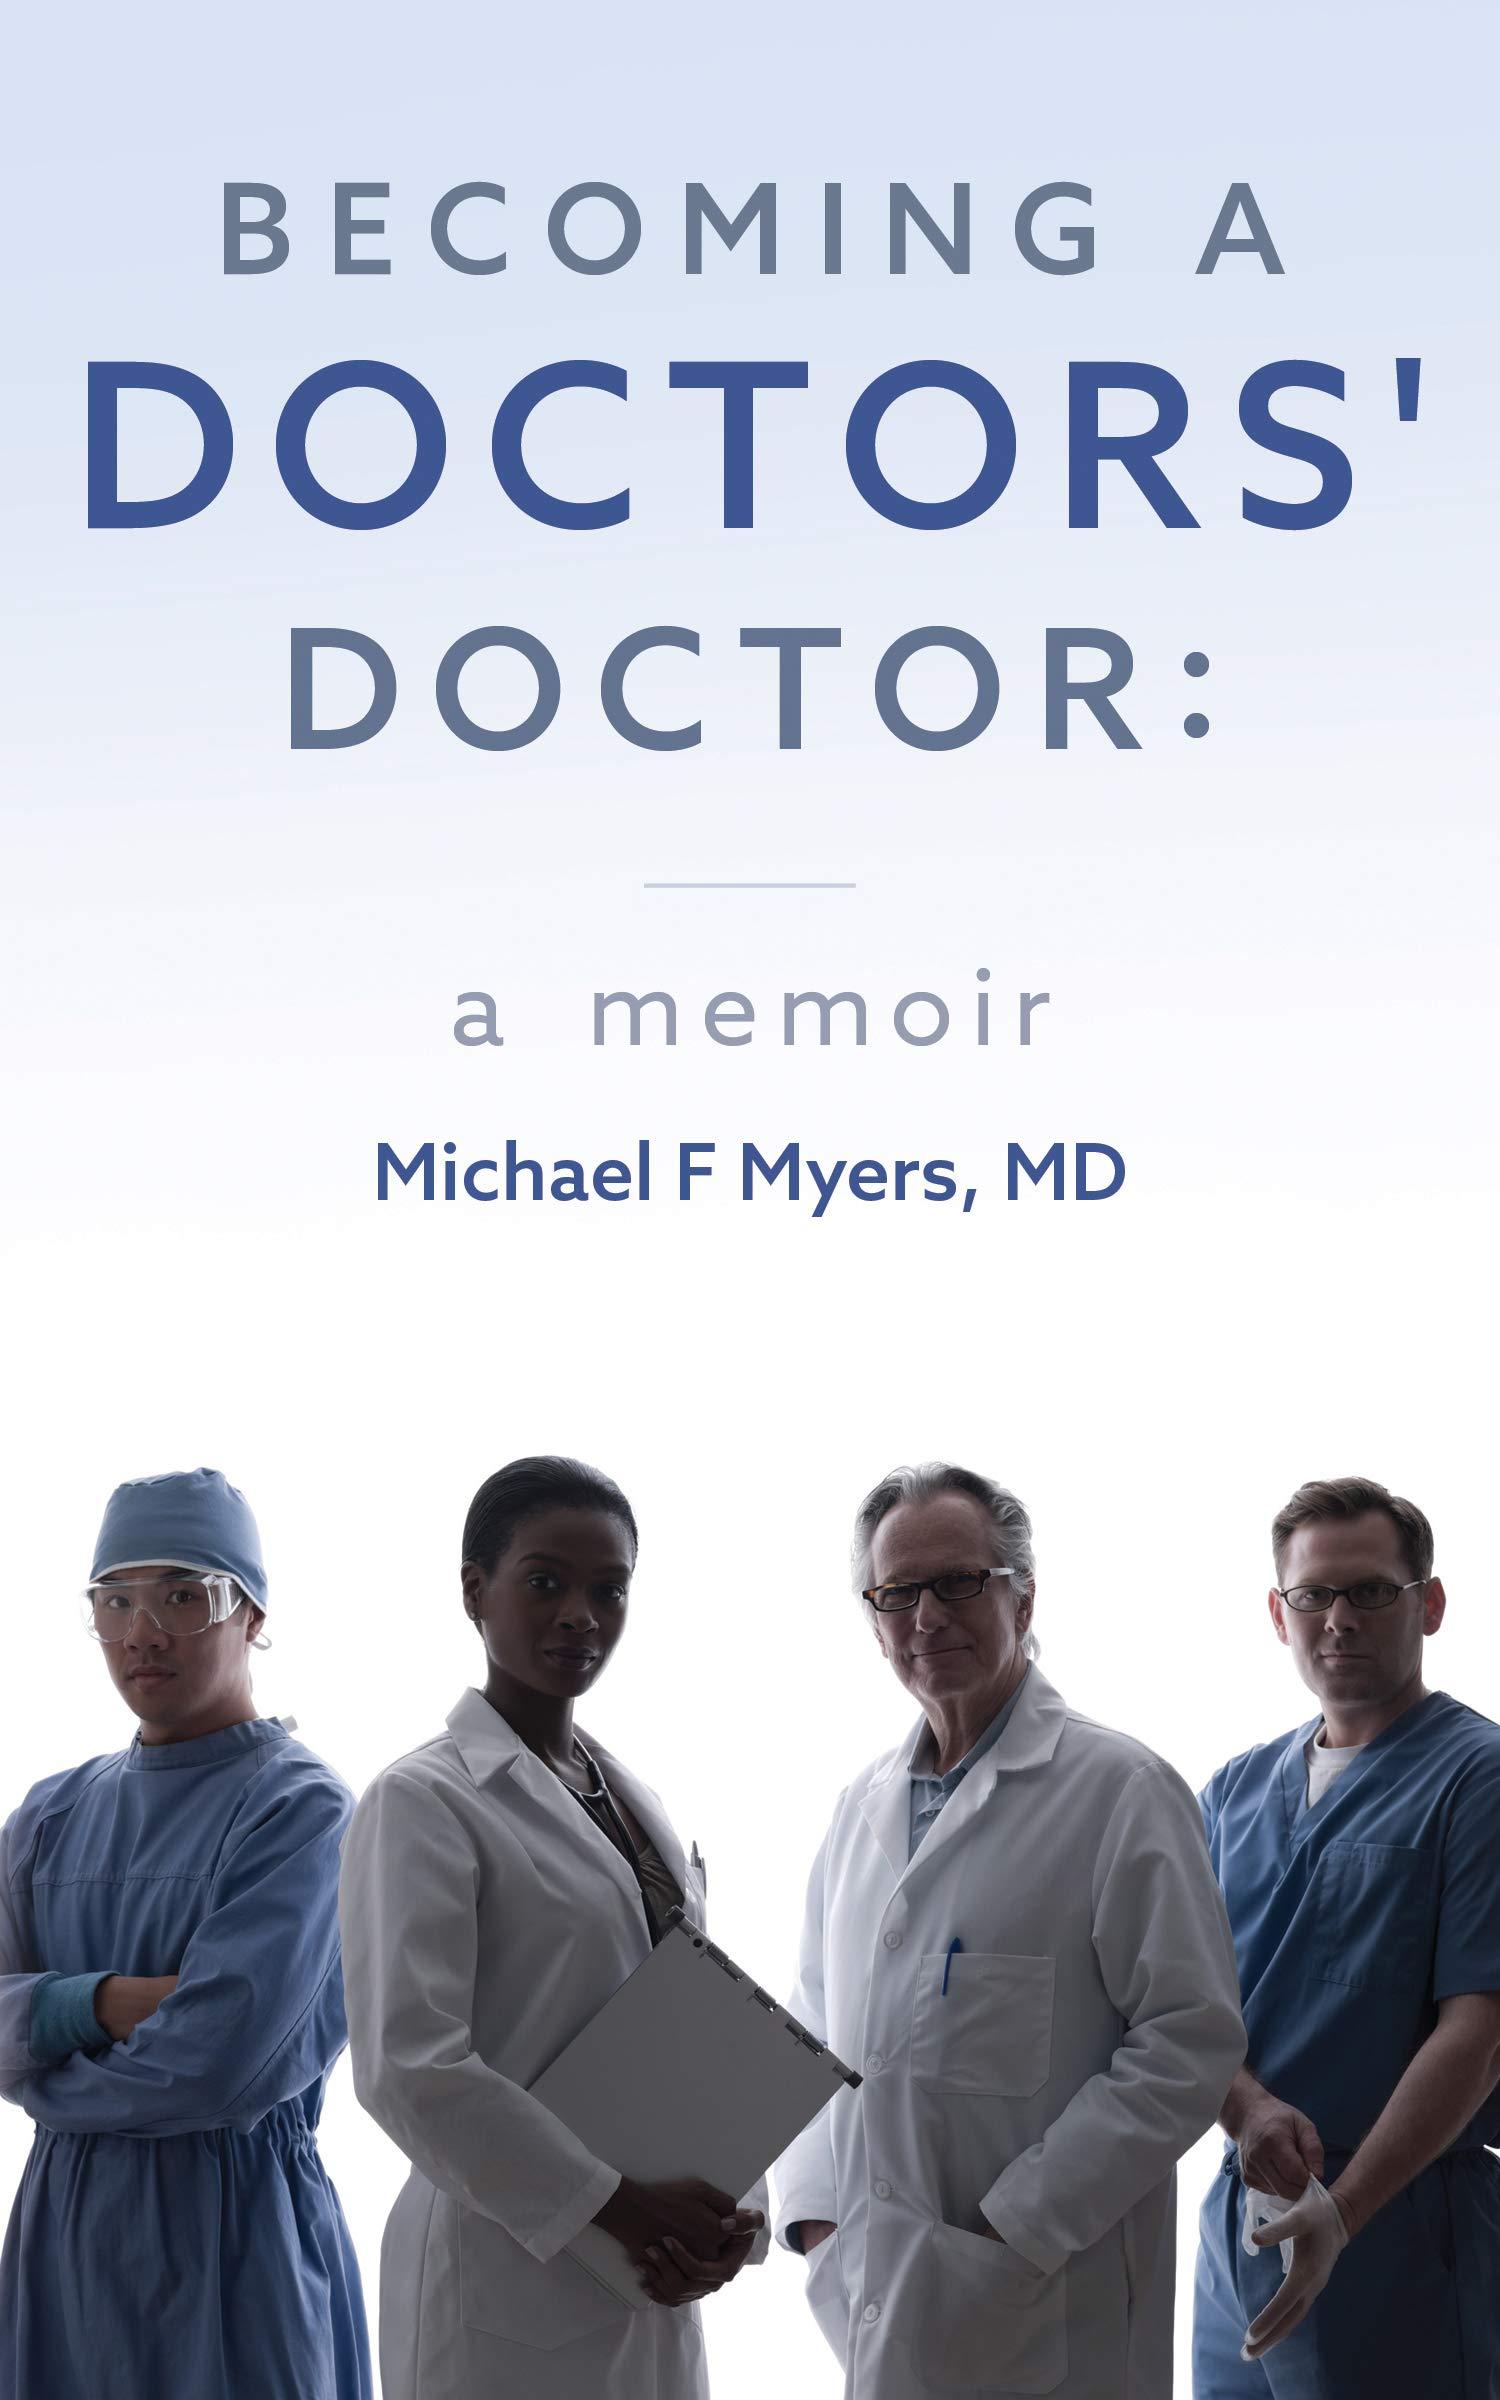 Becoming a Doctors' Doctor: A Memoir